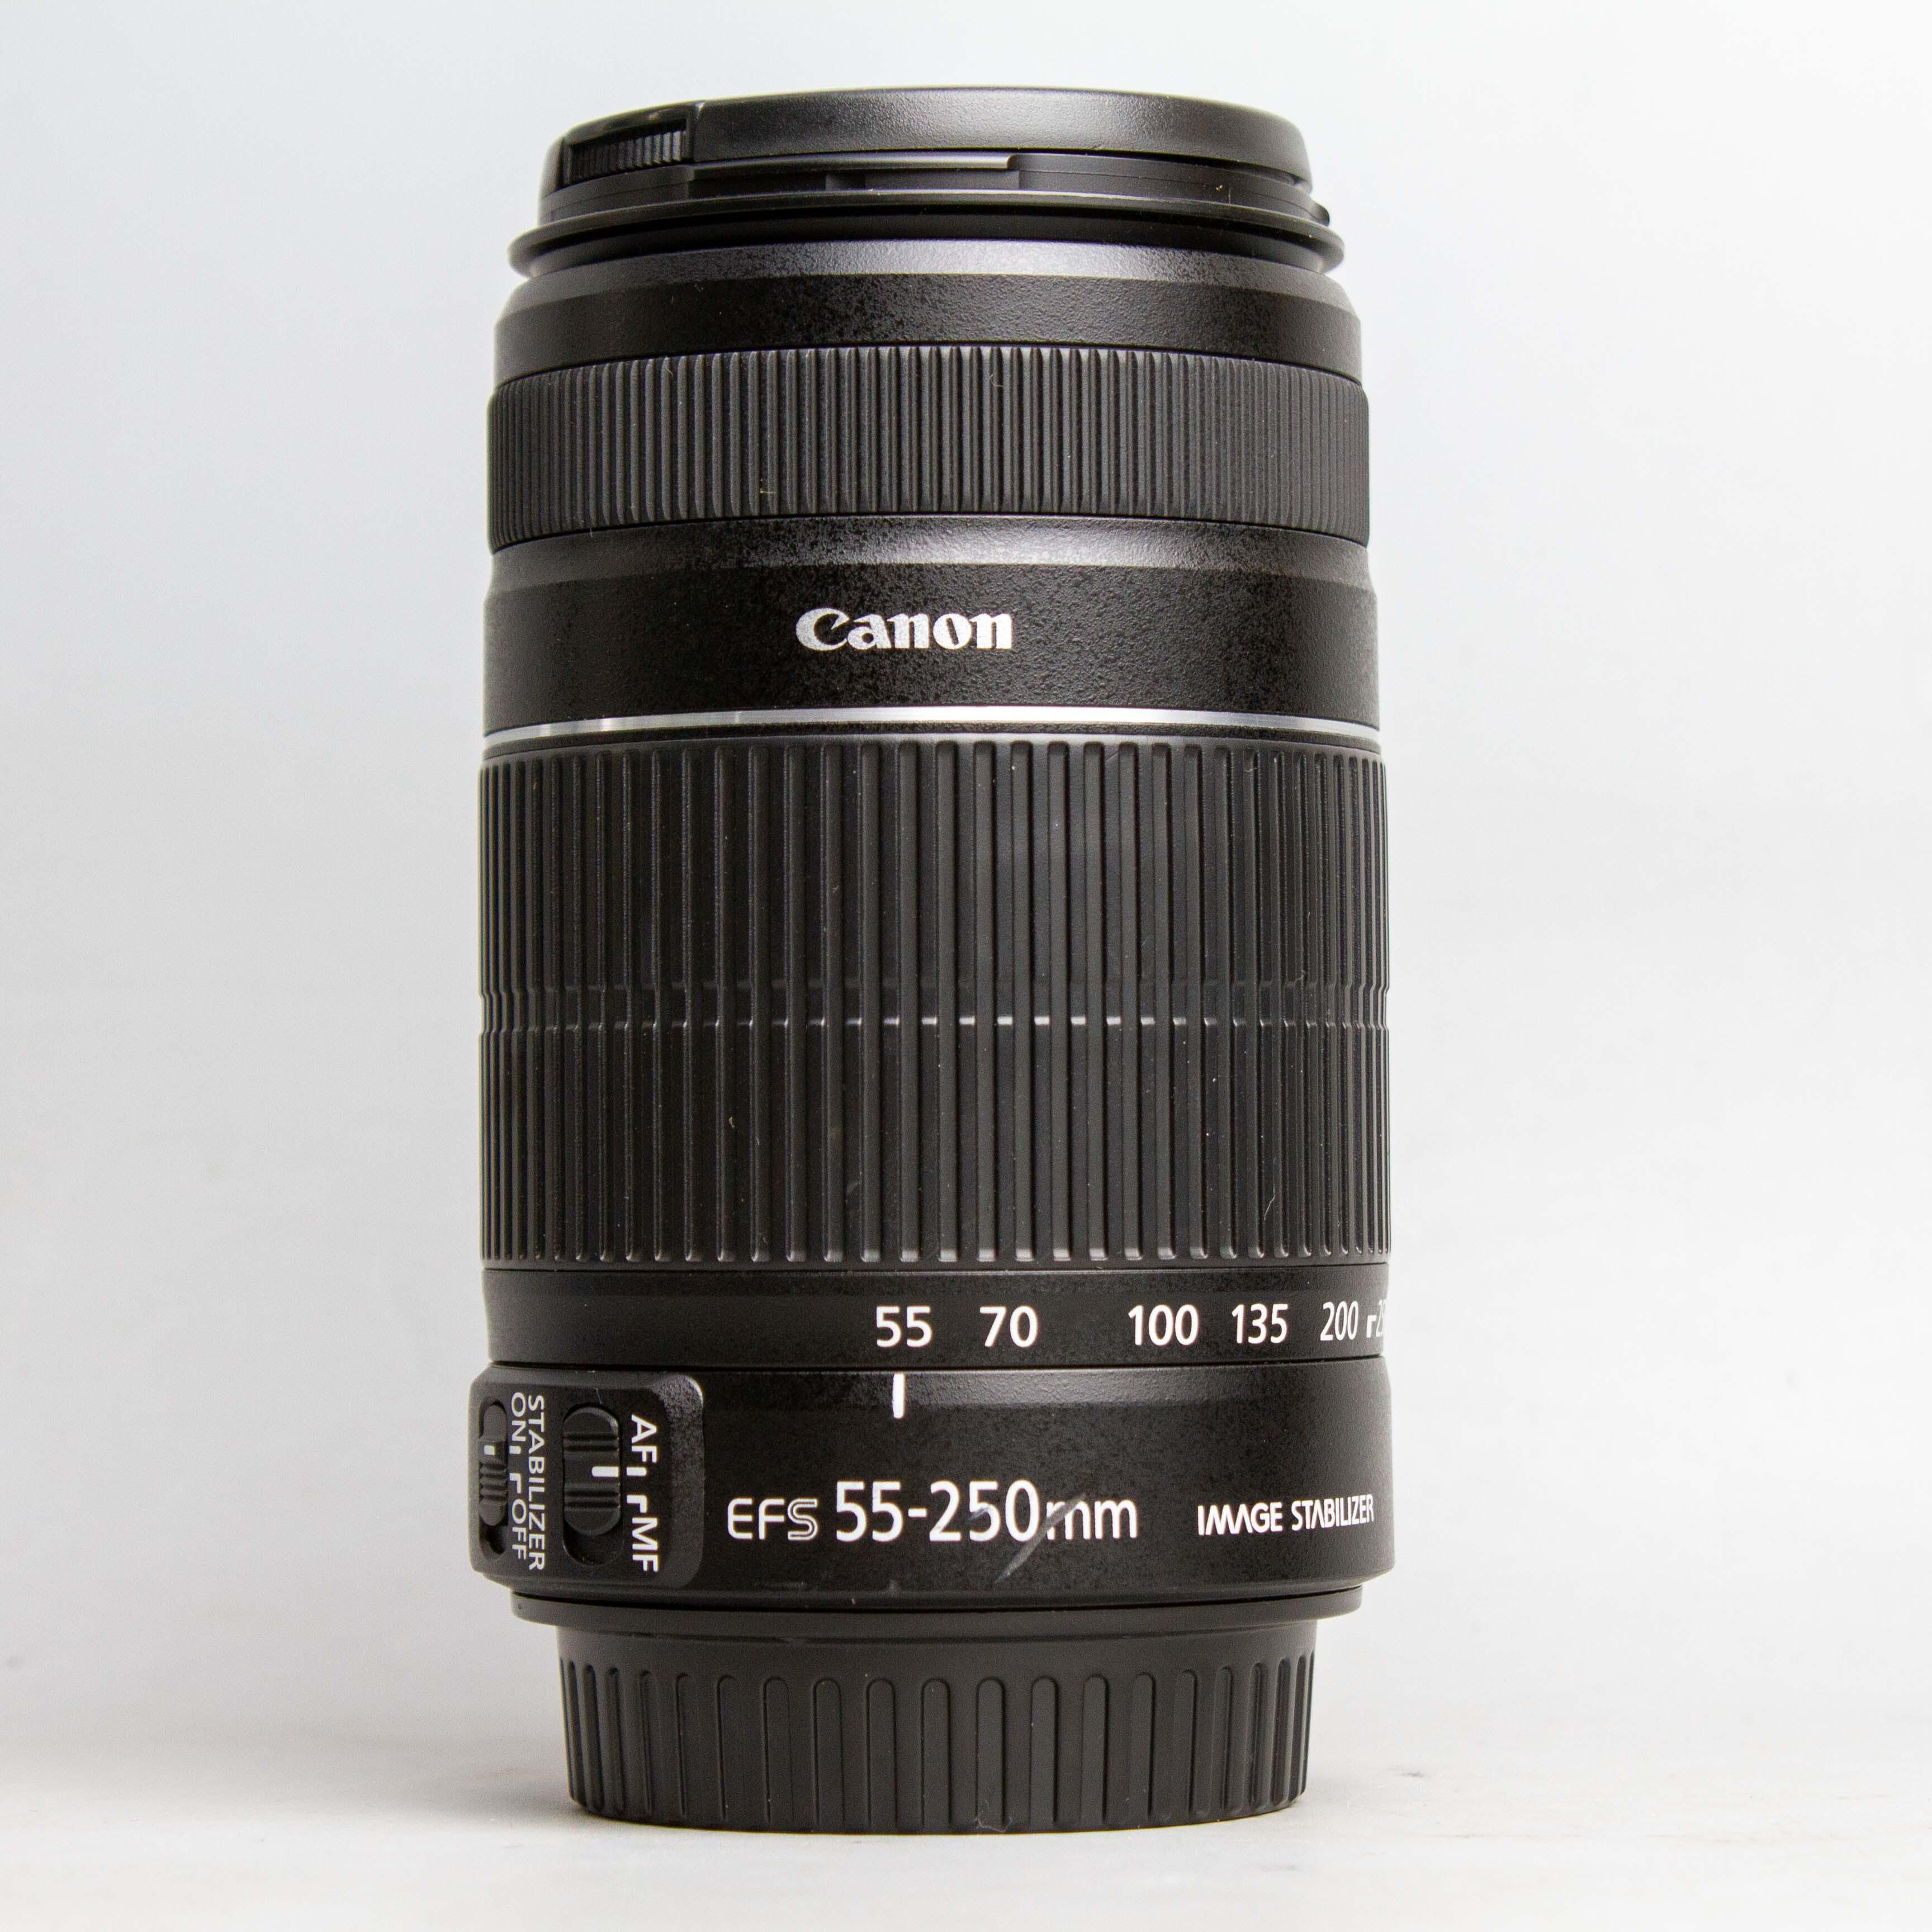 canon-ef-s-55-250mm-f4-5-6-is-ii-55-250-f4-5-6-18742